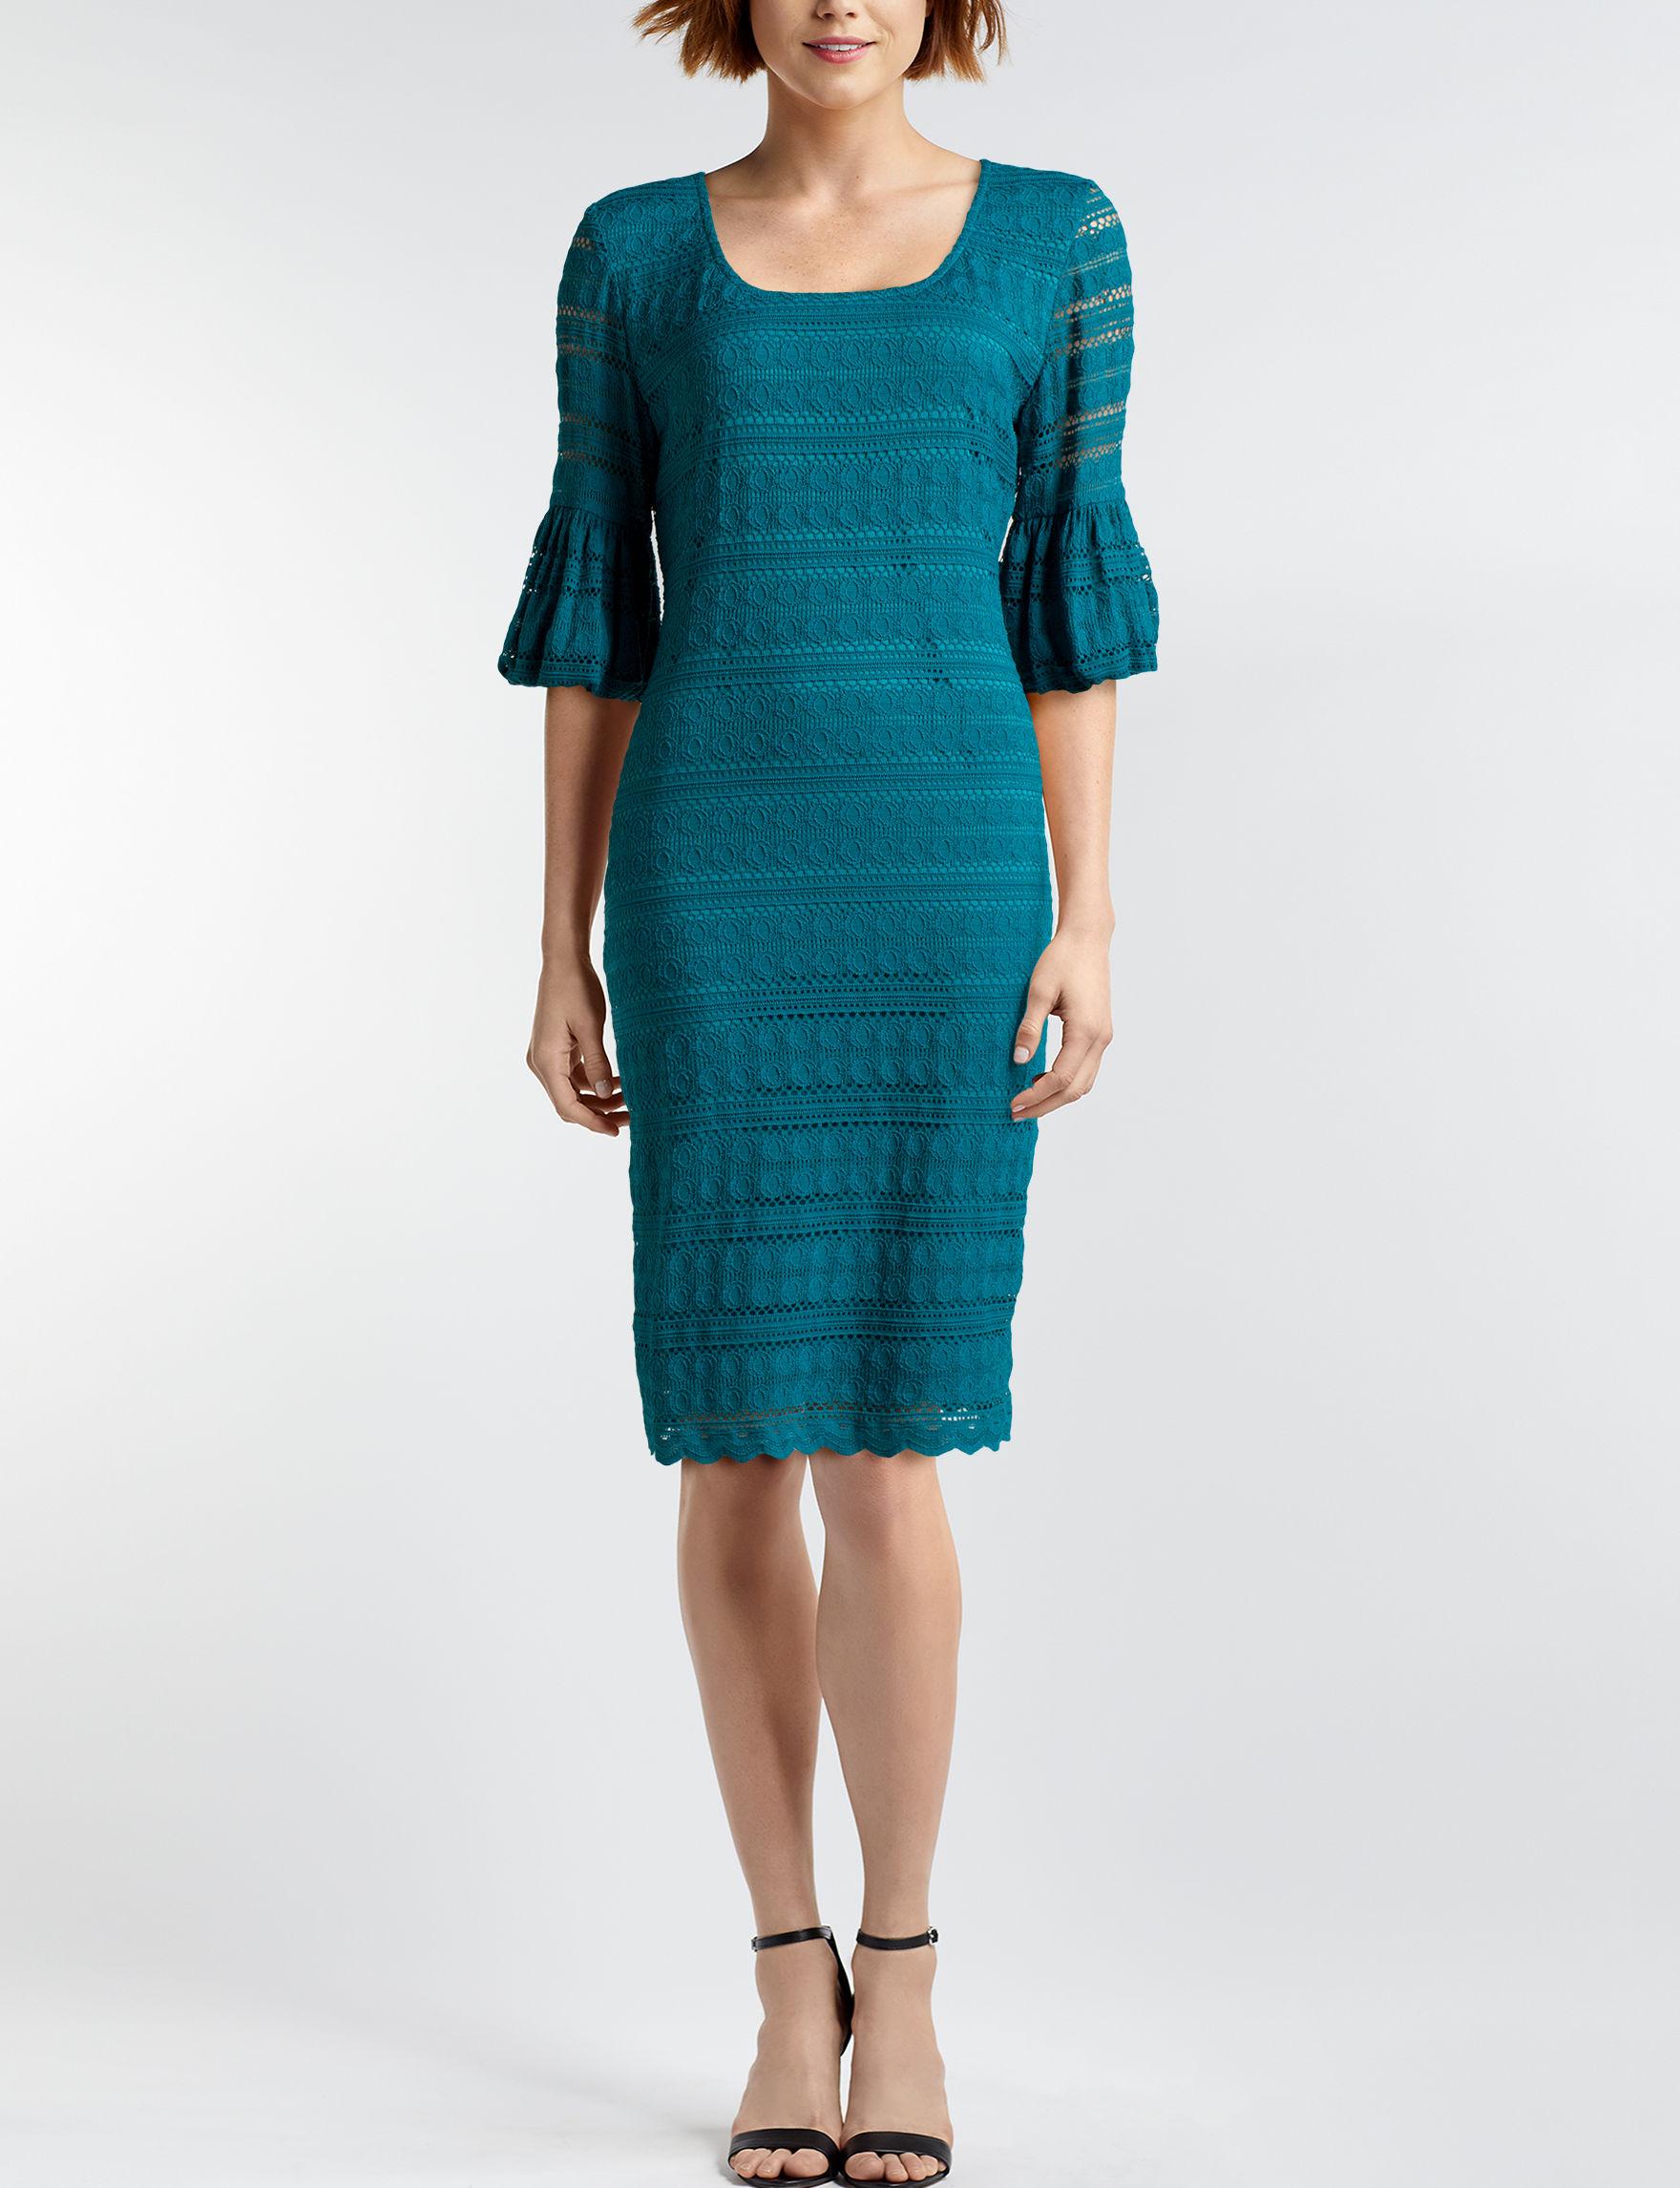 Ronni Nicole Teal Everyday & Casual Sheath Dresses